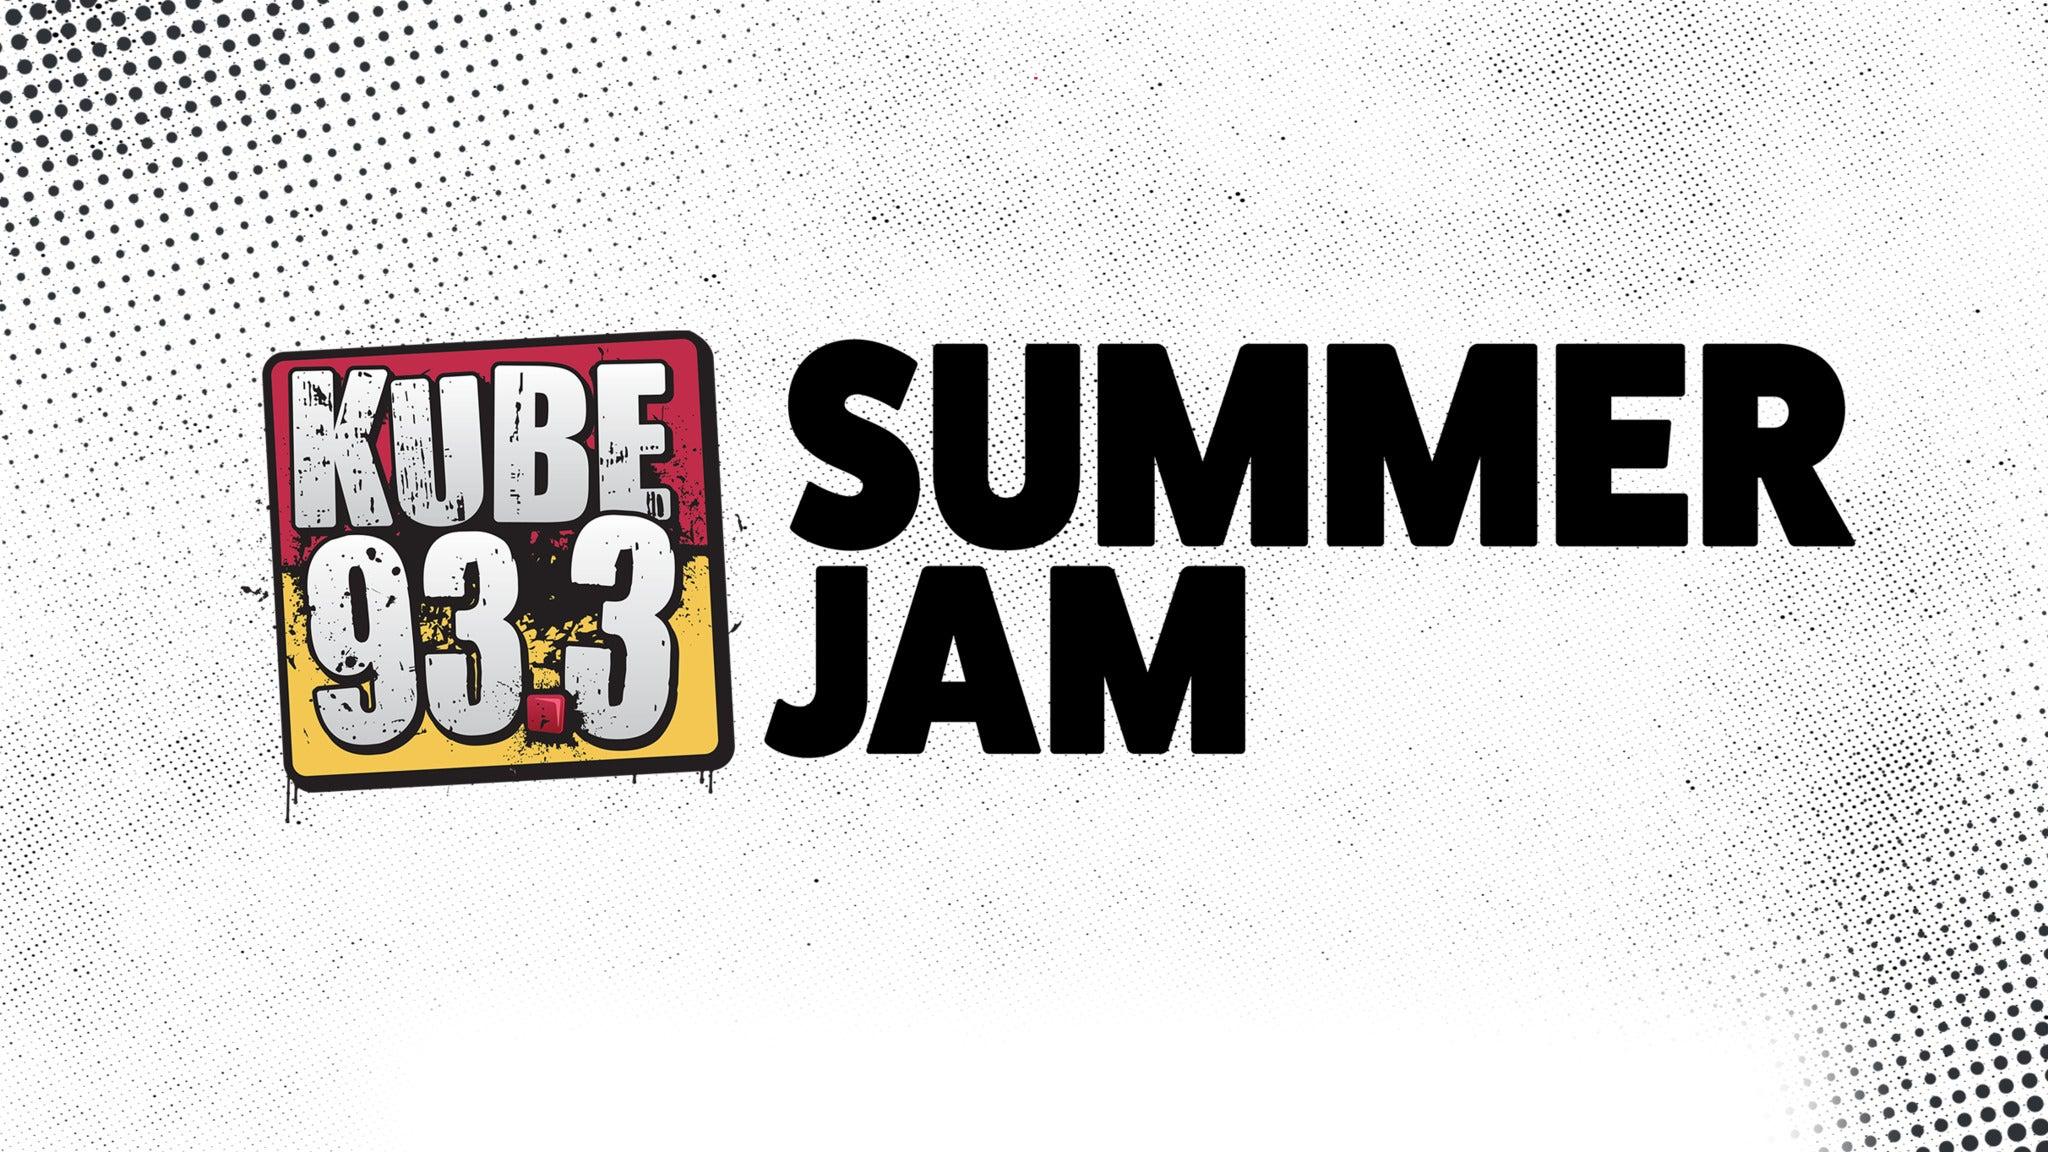 KUBE Summer Jam at Tacoma Dome - Tacoma, WA 98421